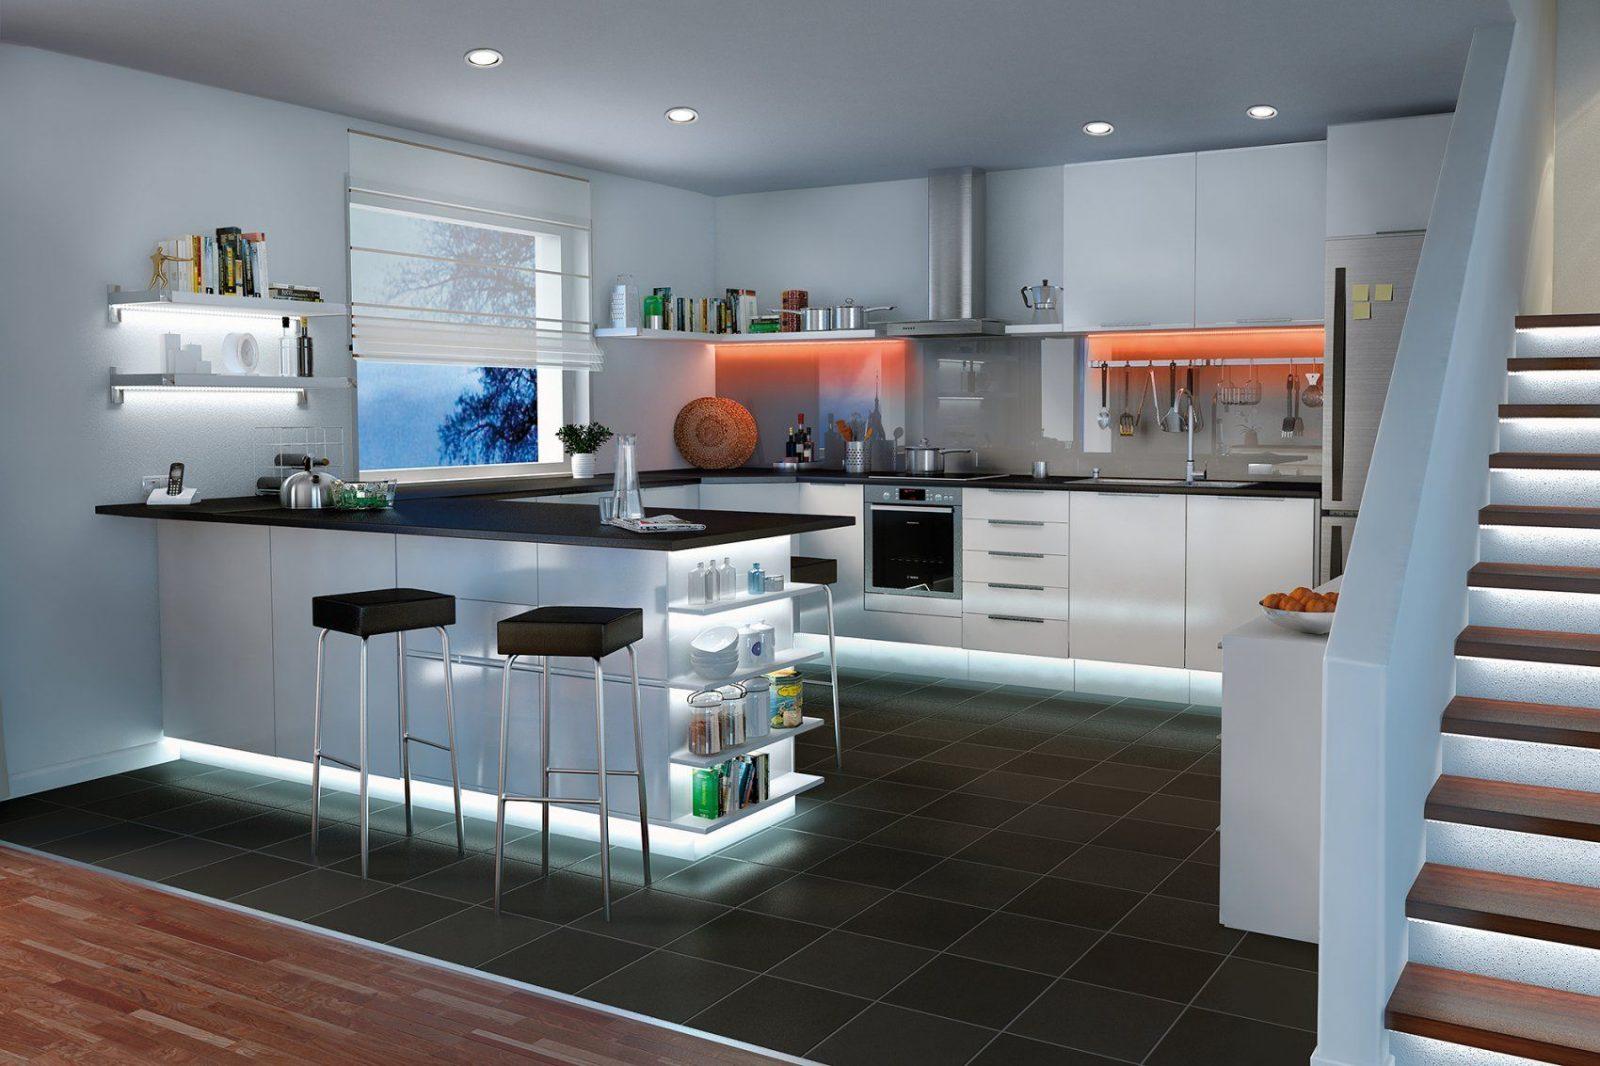 Beleuchtung Küche Ohne Oberschränke Haus Design Ideen